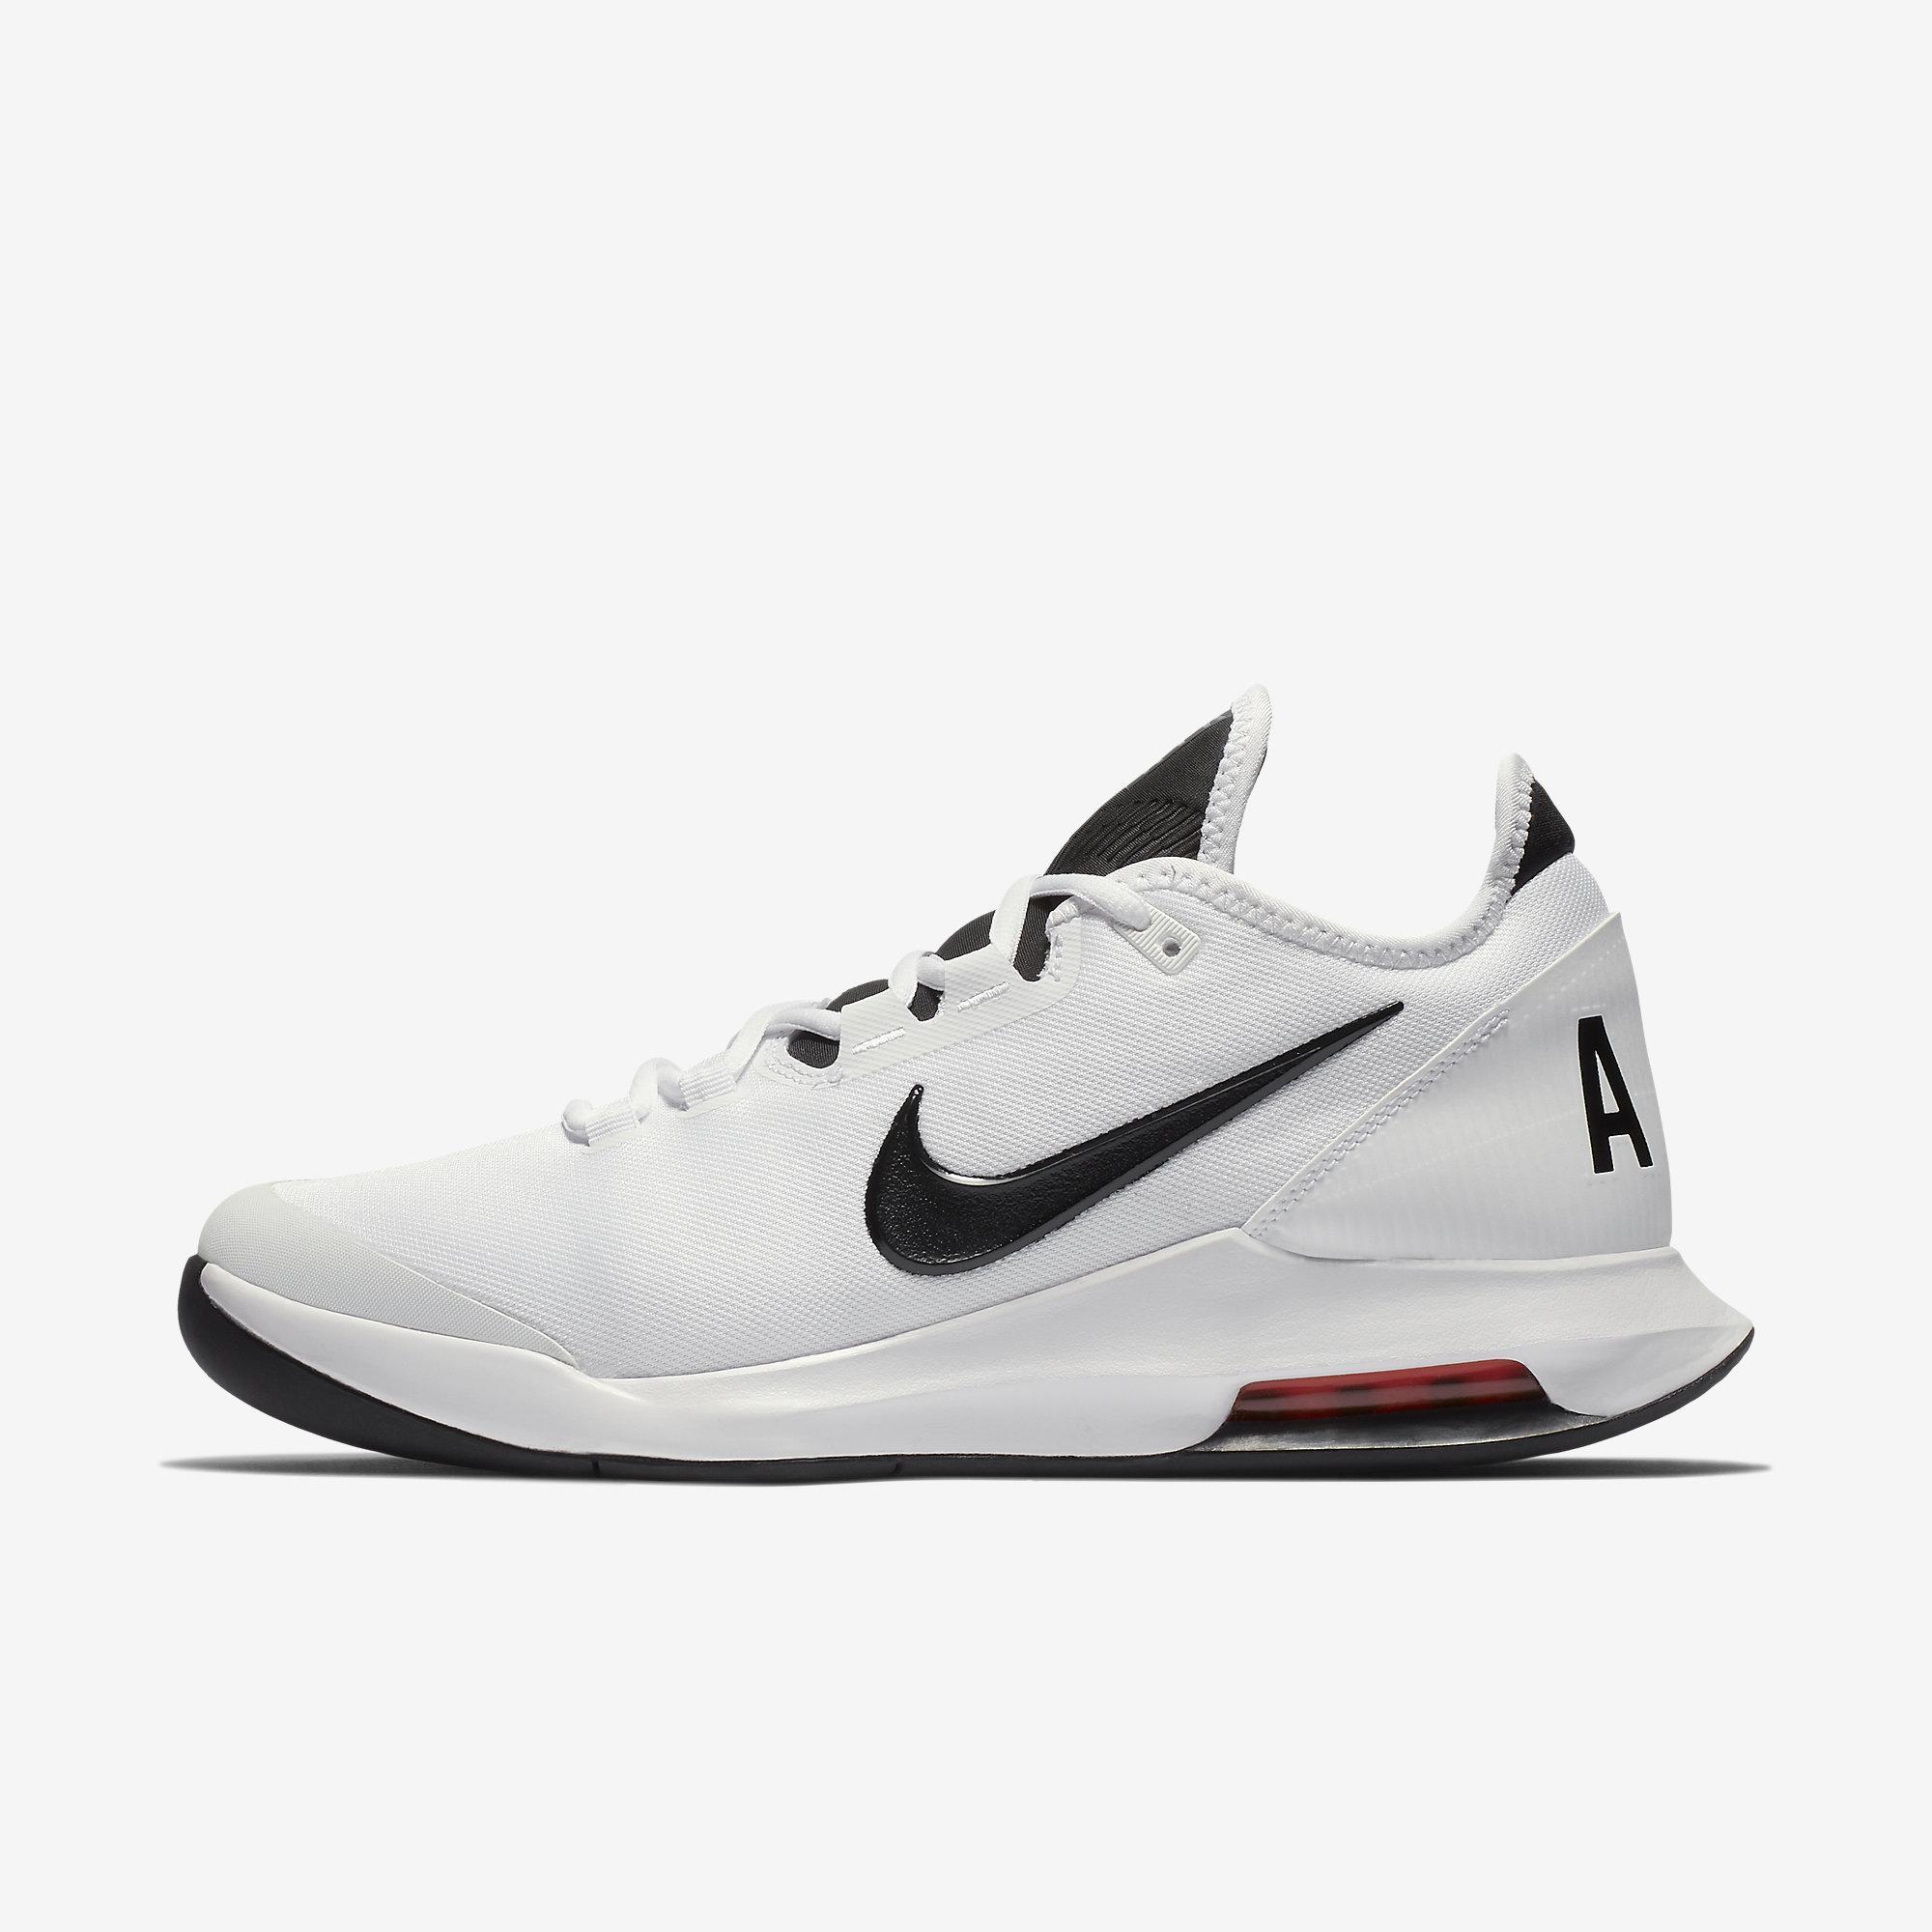 Nike Mens Air Max Wildcard - White/Black/Bright Crimson